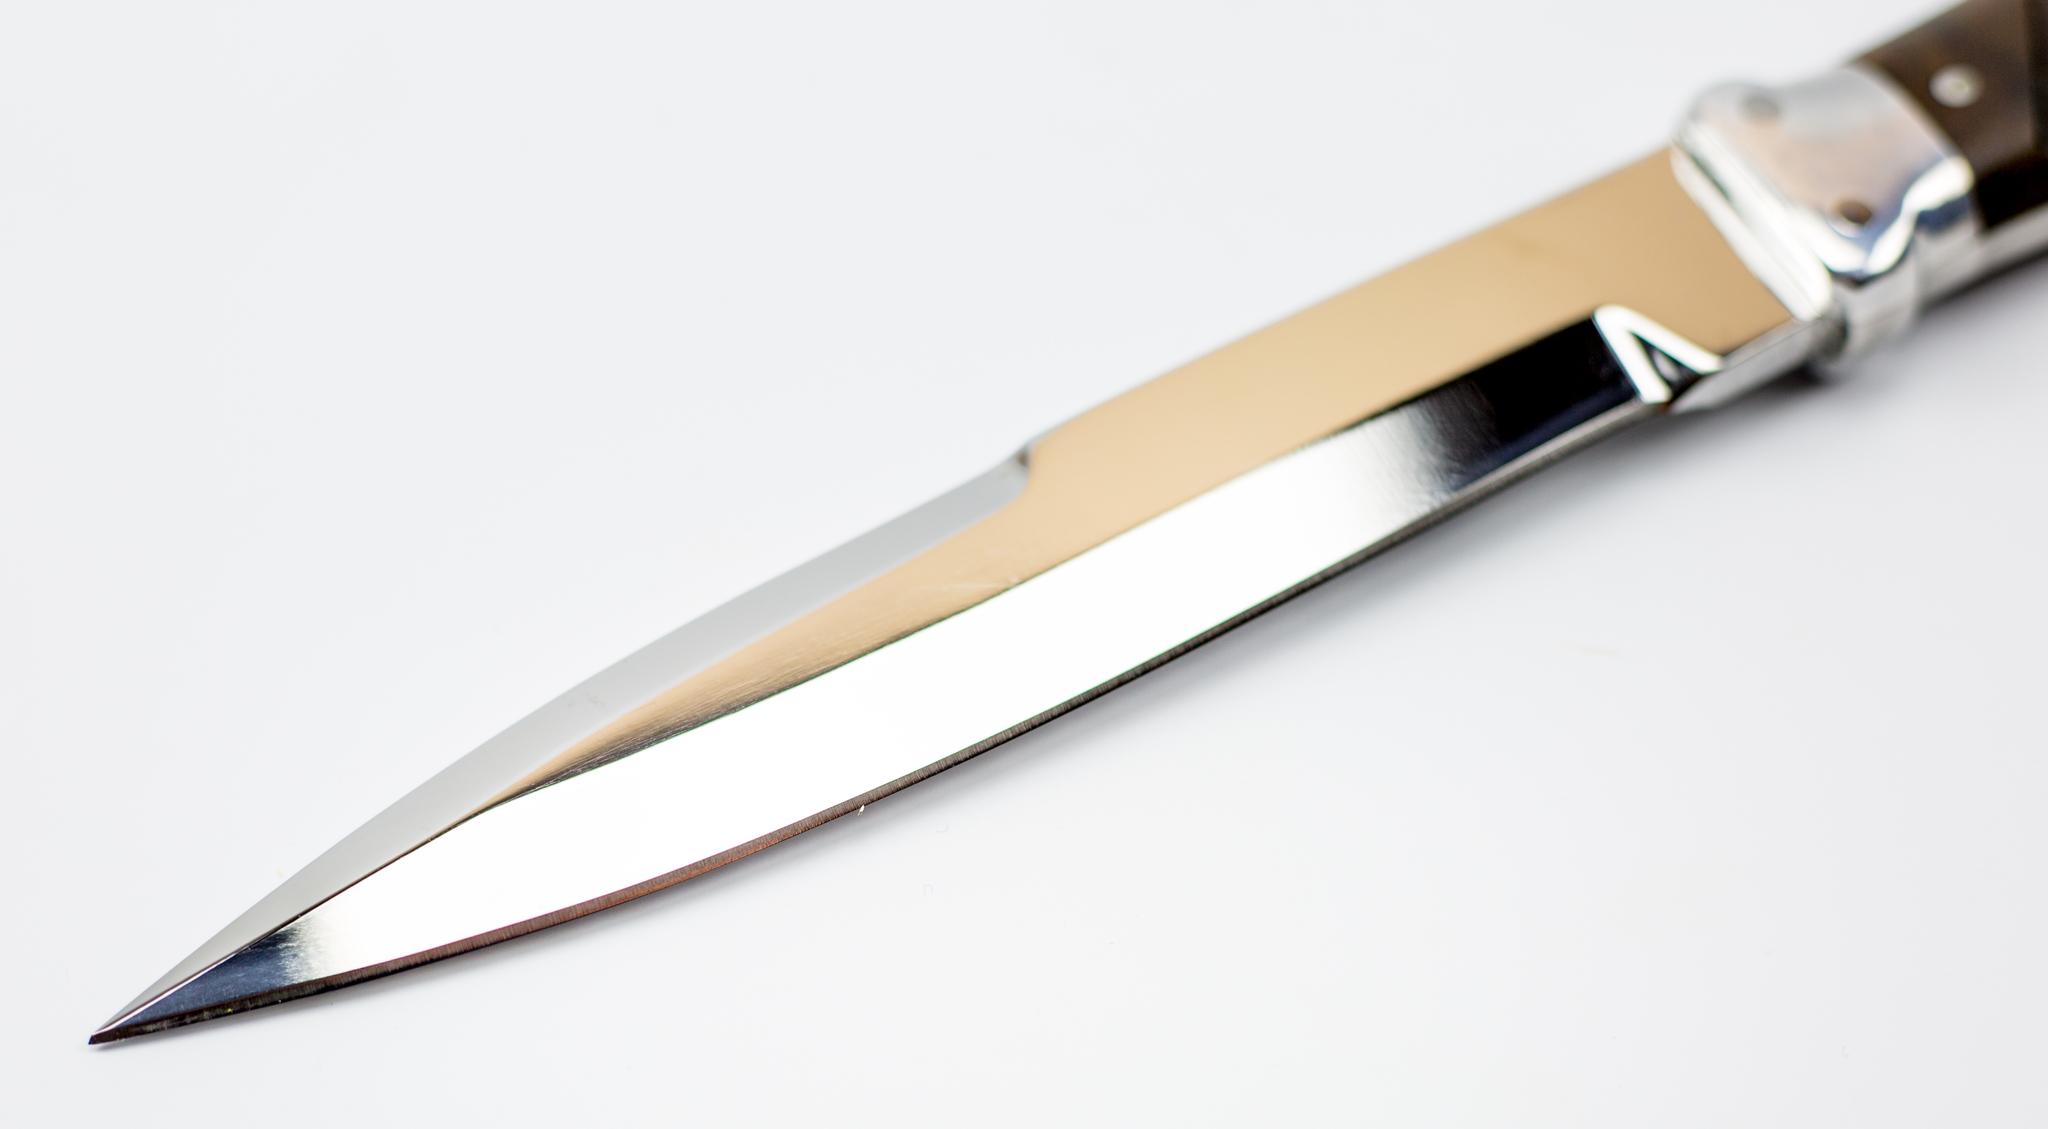 Фото 10 - Окопный нож, цмт от Павловские ножи